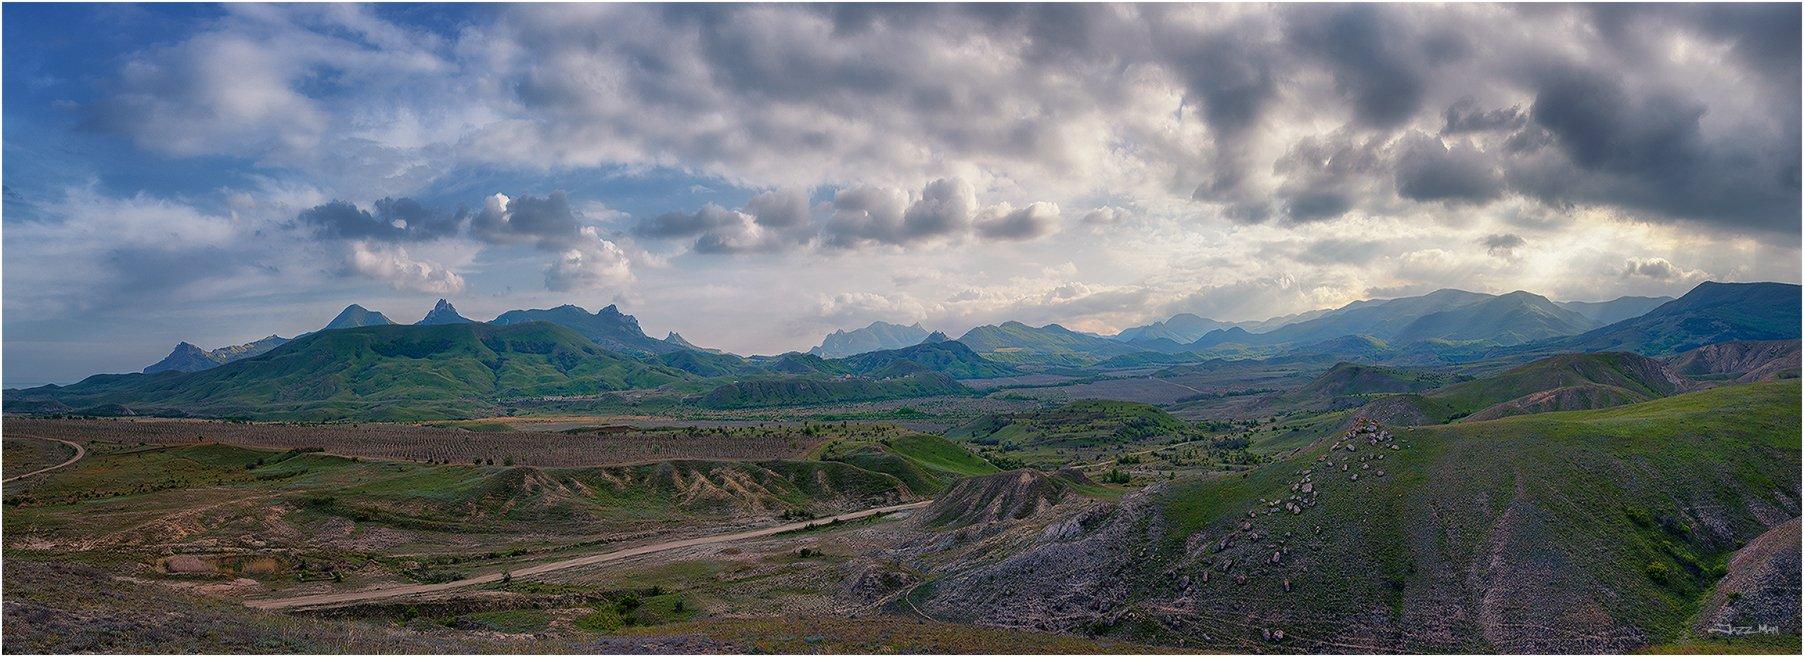 Вечер, Горы, Долина, Закат, Коктебель, Крым, Небо, Облака, Панорама, Пейзаж, Jazz Man